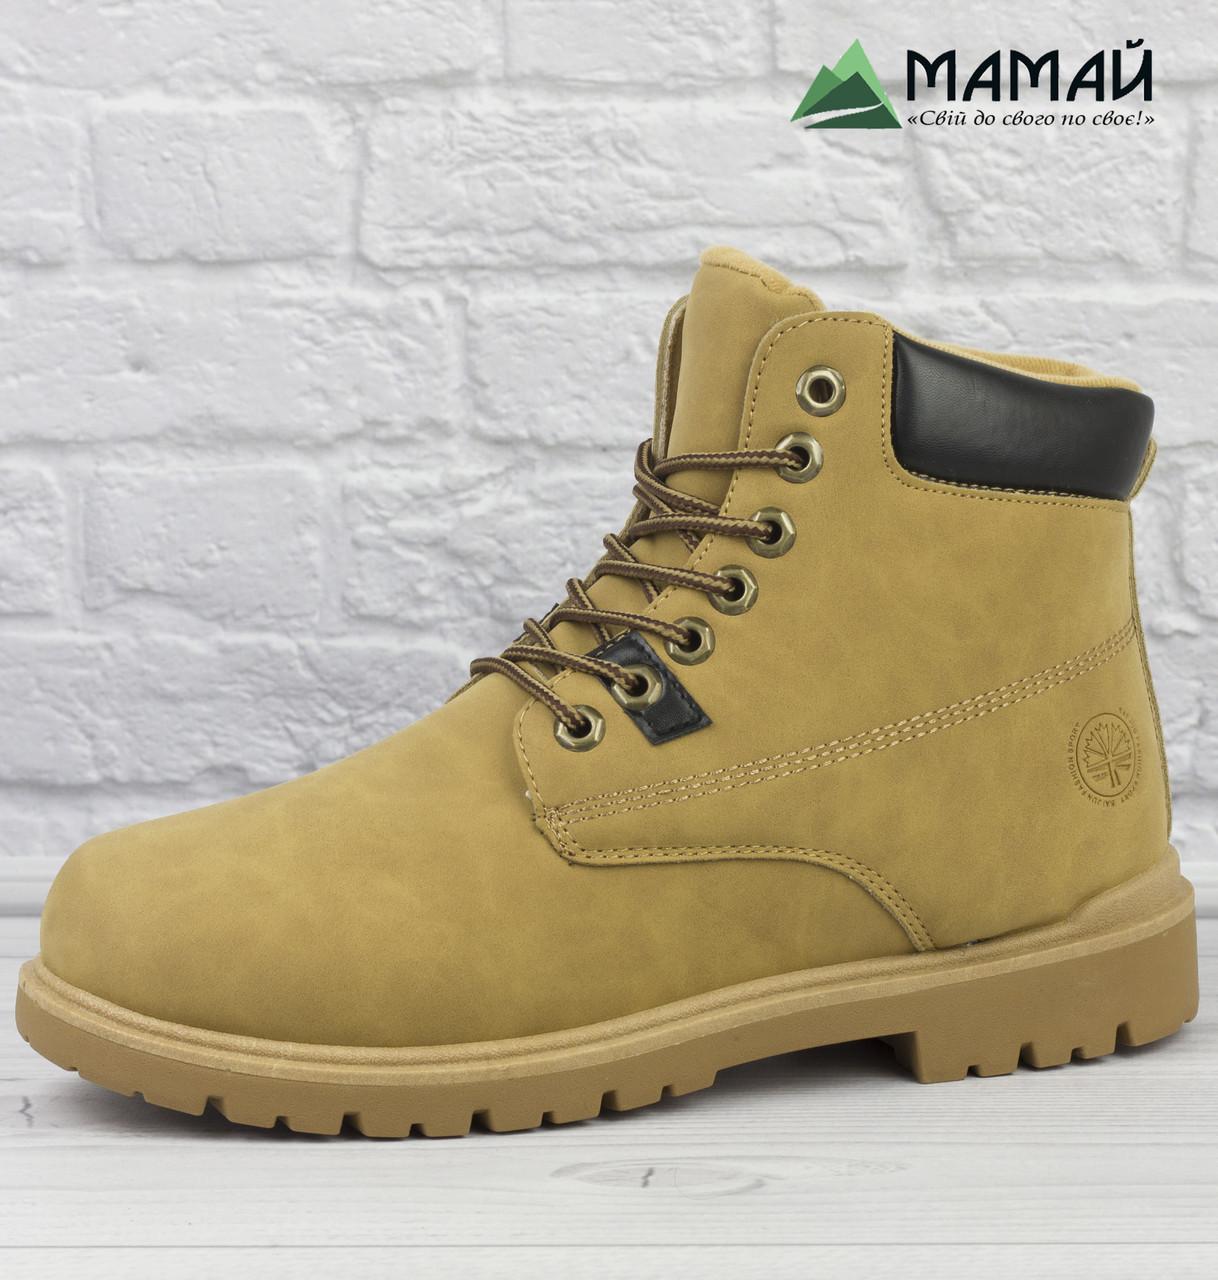 44,45р Чоловічі зимові черевики -20 °C